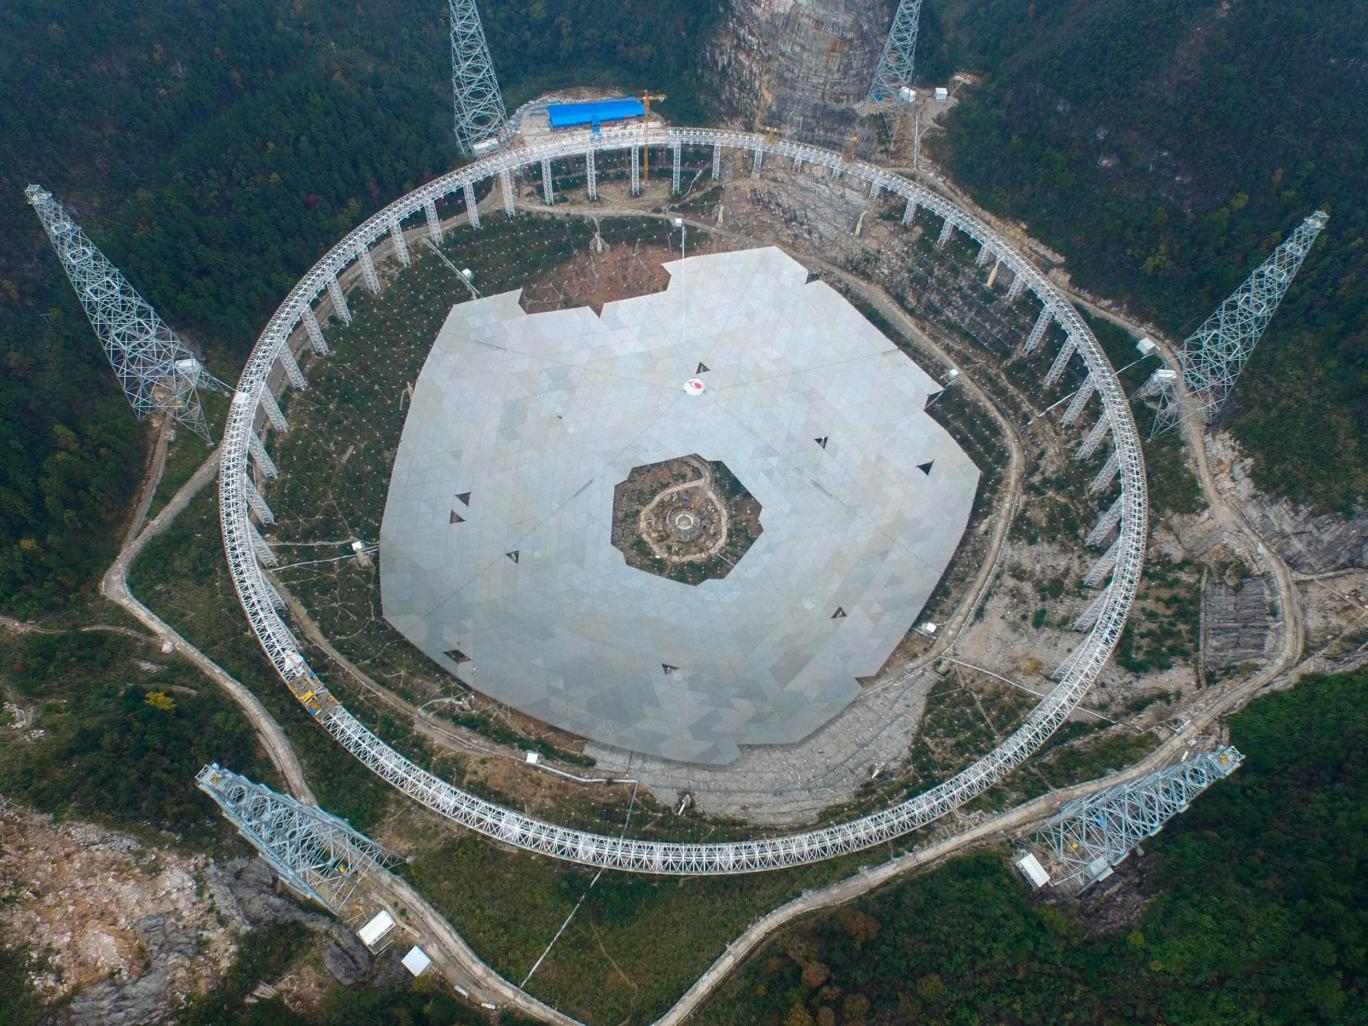 Kính thiên văn lớn nhất thế giới được xây dựng tại tỉnh Quý Châu, Trung Quốc